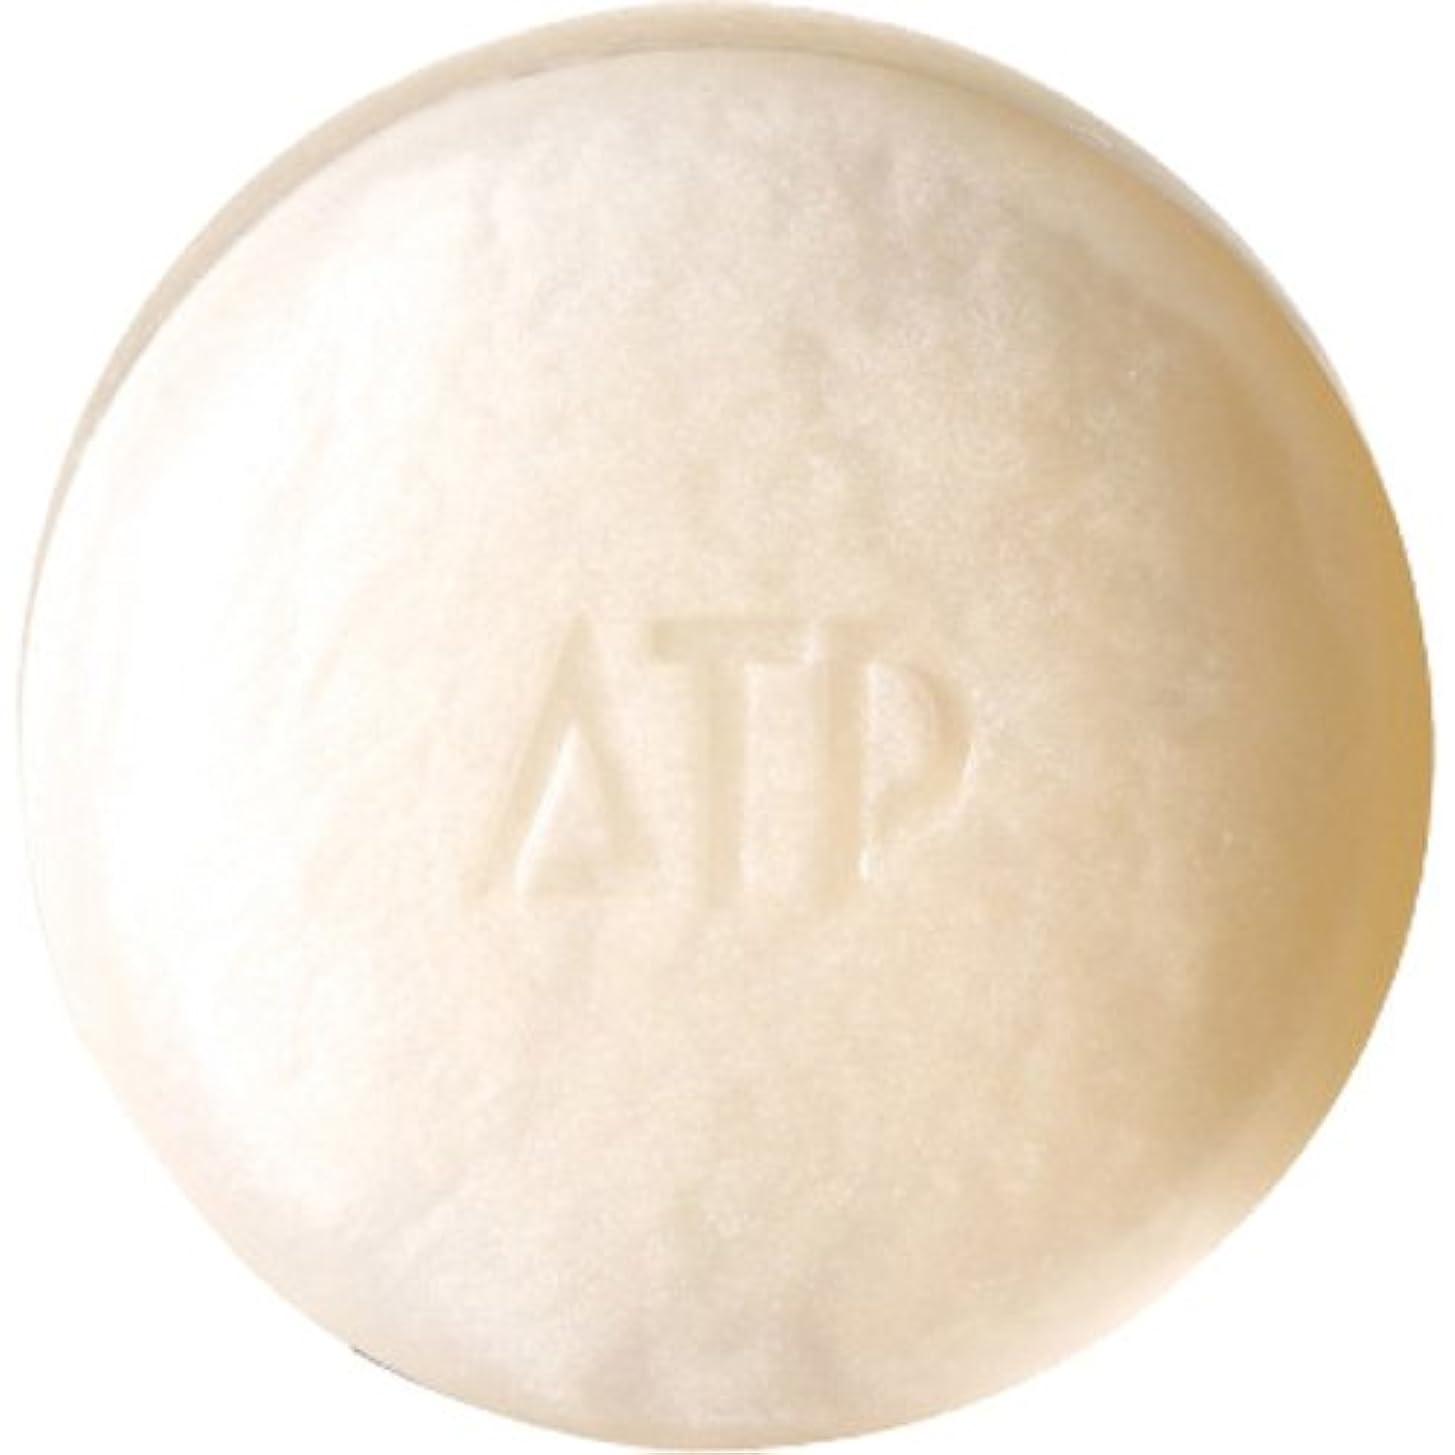 ひらめきまとめる正しい薬用ATP デリケアソープ 100g ケースなし (全身用洗浄石けん?枠練り) [医薬部外品]